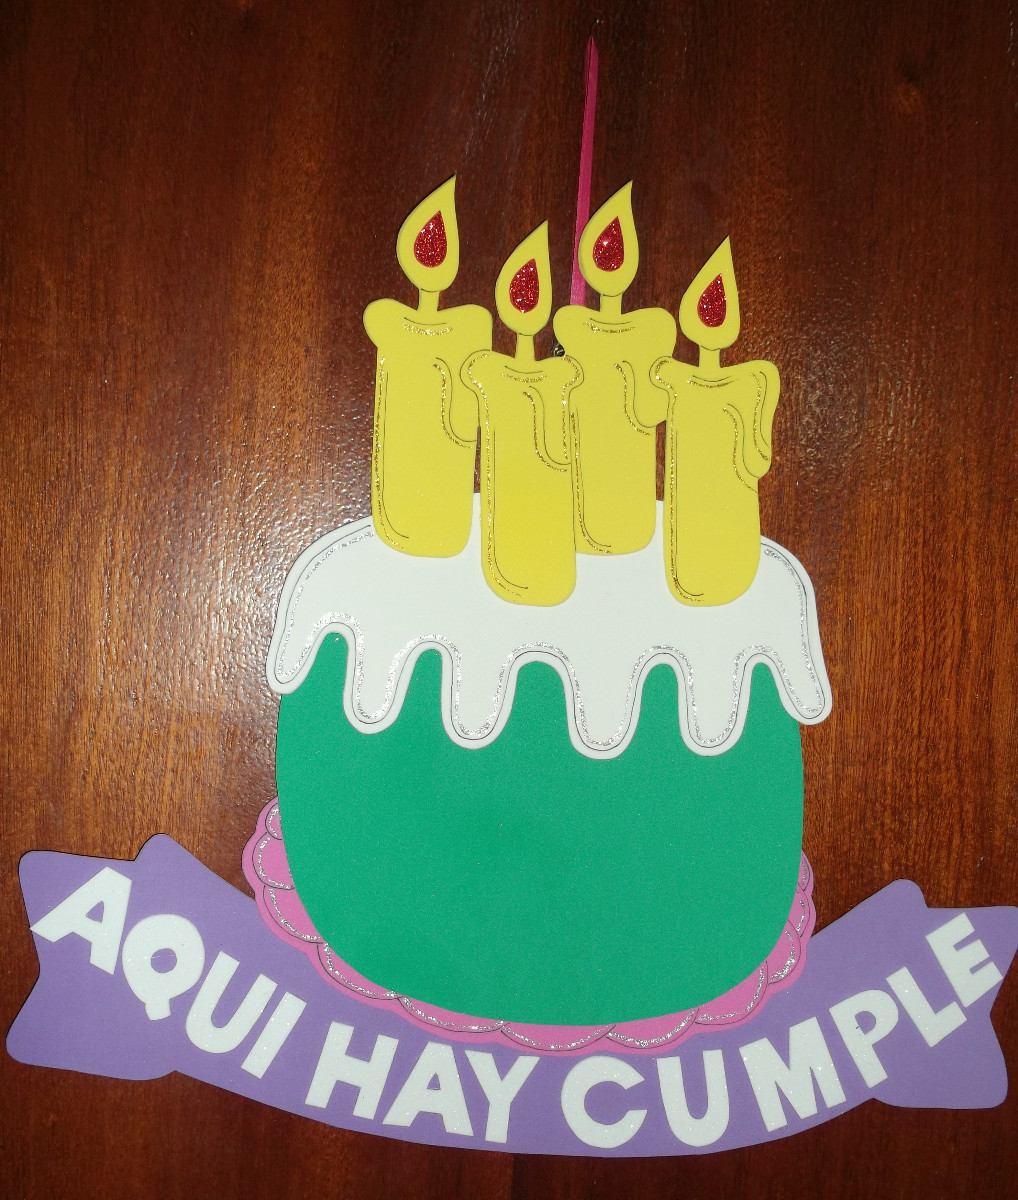 Feliz Cumple goliva68 Cartel-cumpleanos-torta-cumpleanos-goma-eva-47-x-42-cm-15174-MLA20096972065_052014-F